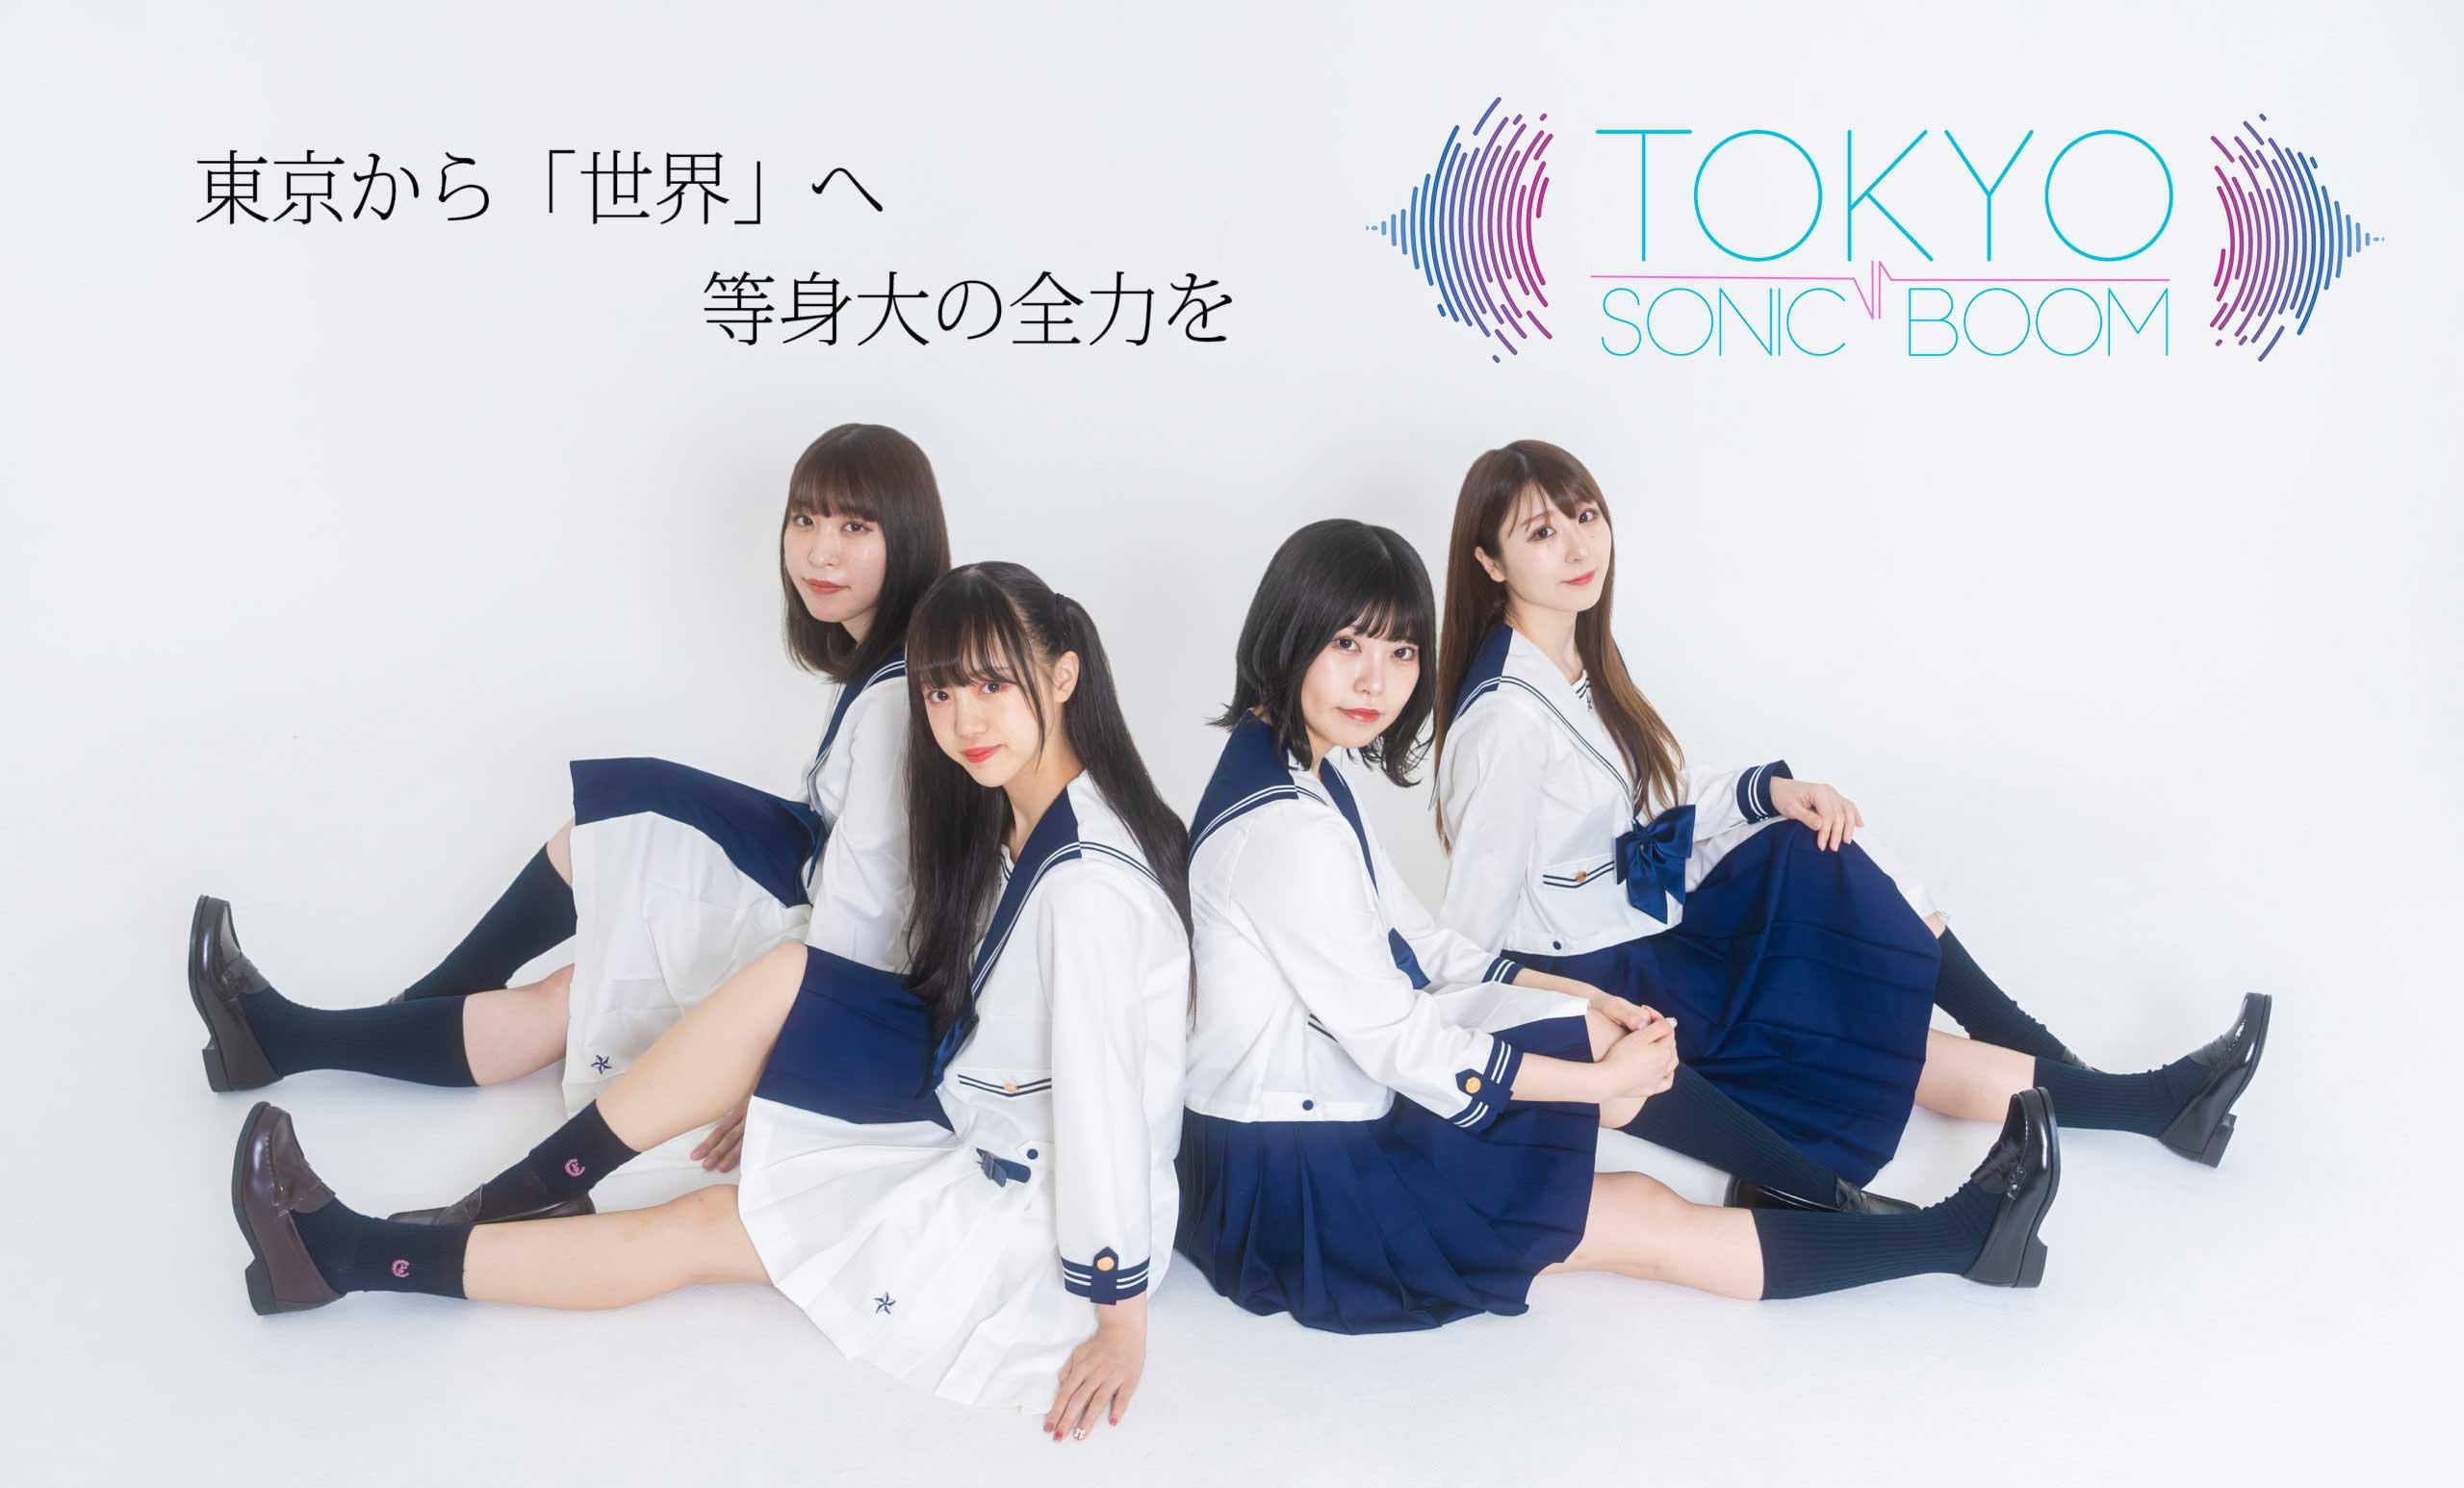 オーディション 世界を目指す「TOKYO SONIC BOOM」メンバー募集 中国人気ファッションブランドとのコラボも決定! 語学レッスンなども充実 主催:Sonic boom Project株式会社、カテゴリ:アイドル(正統派)